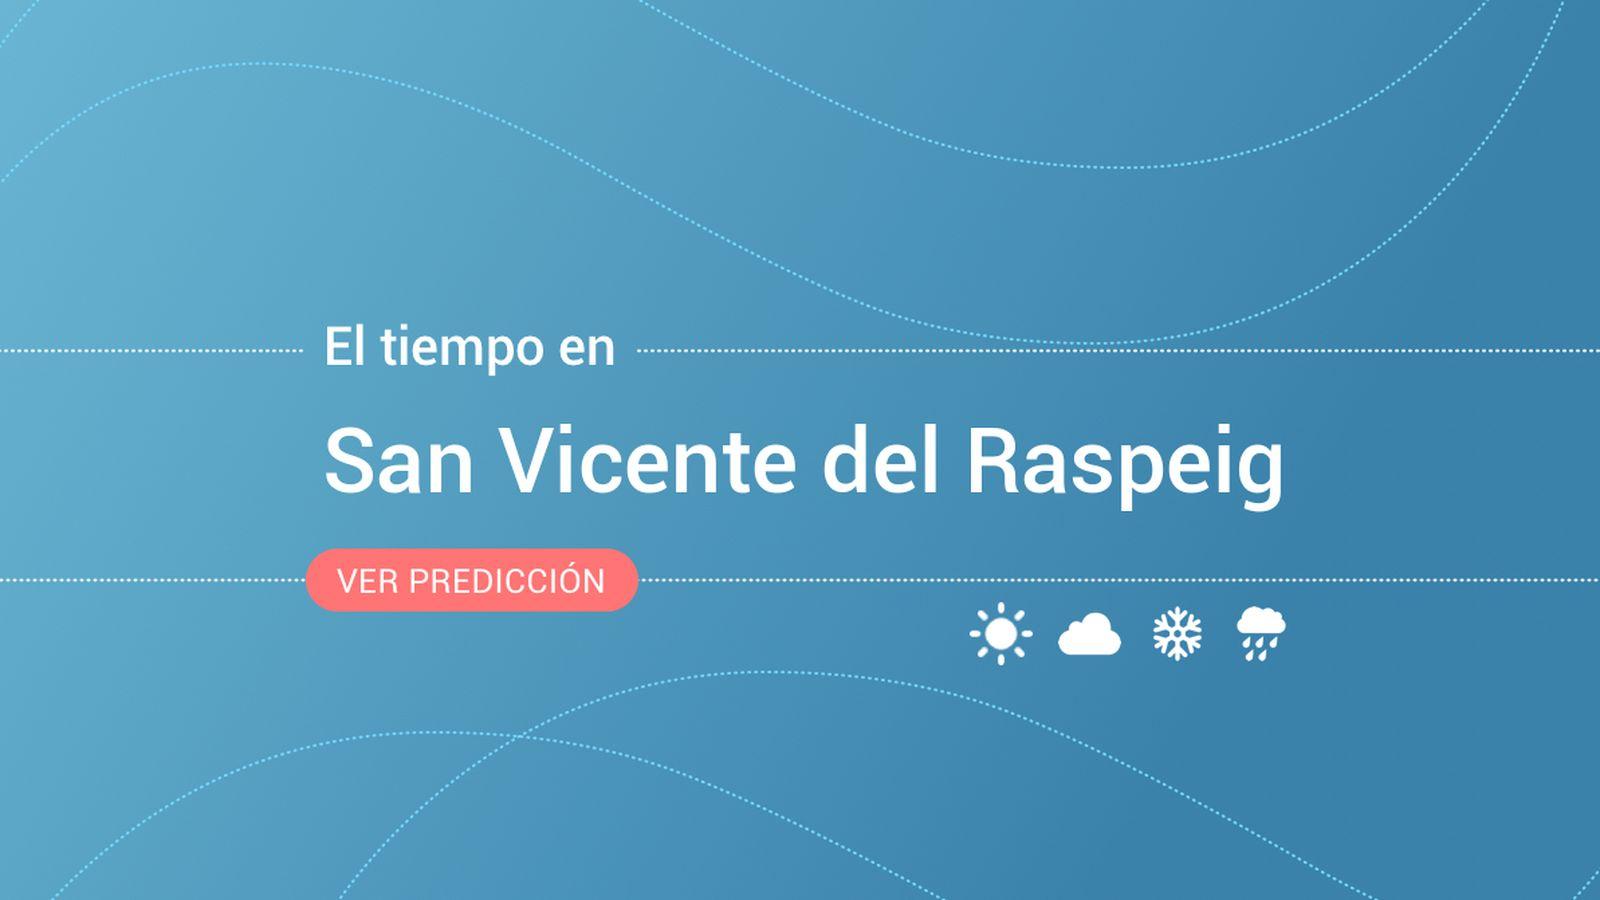 Foto: El tiempo en San Vicente del Raspeig / Sant Vicent del Raspeig. (EC)